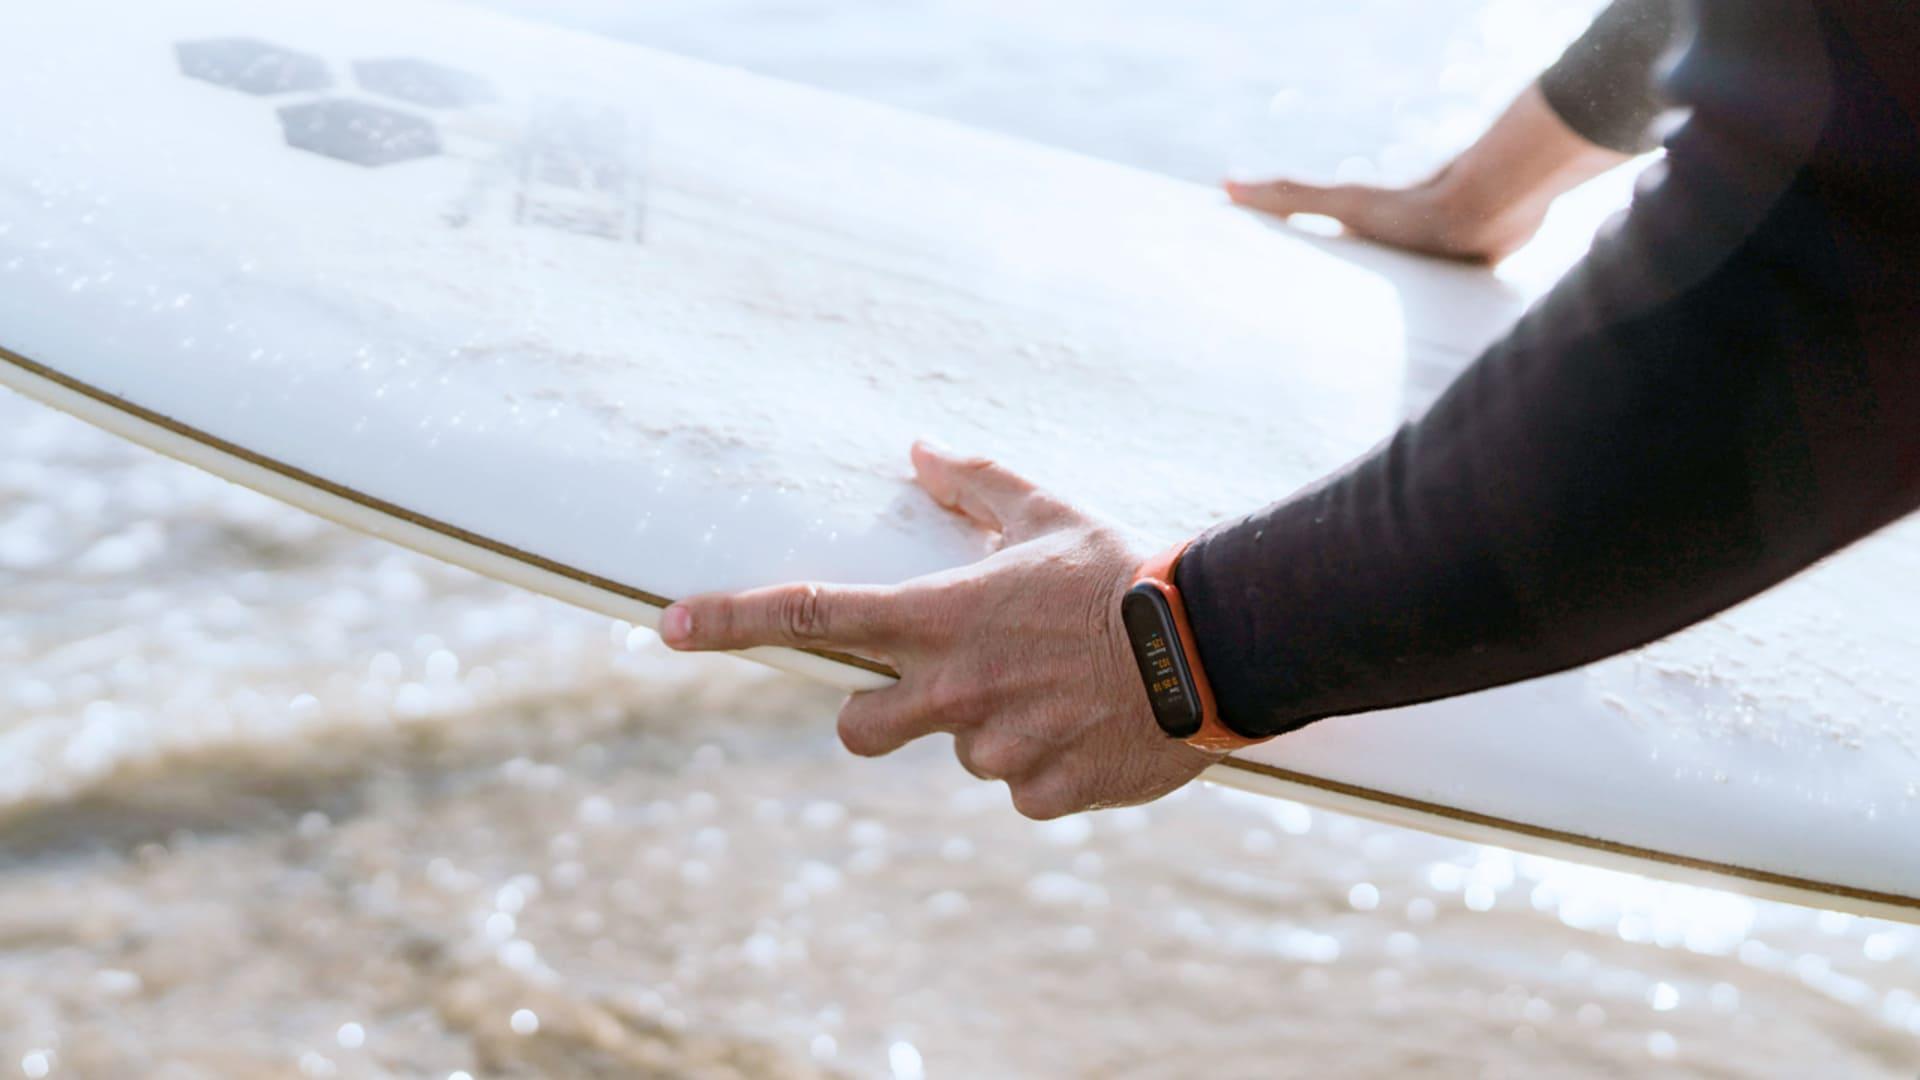 Amazfit Band 5 usada por surfista enquanto segura a prancha em direção ao mar